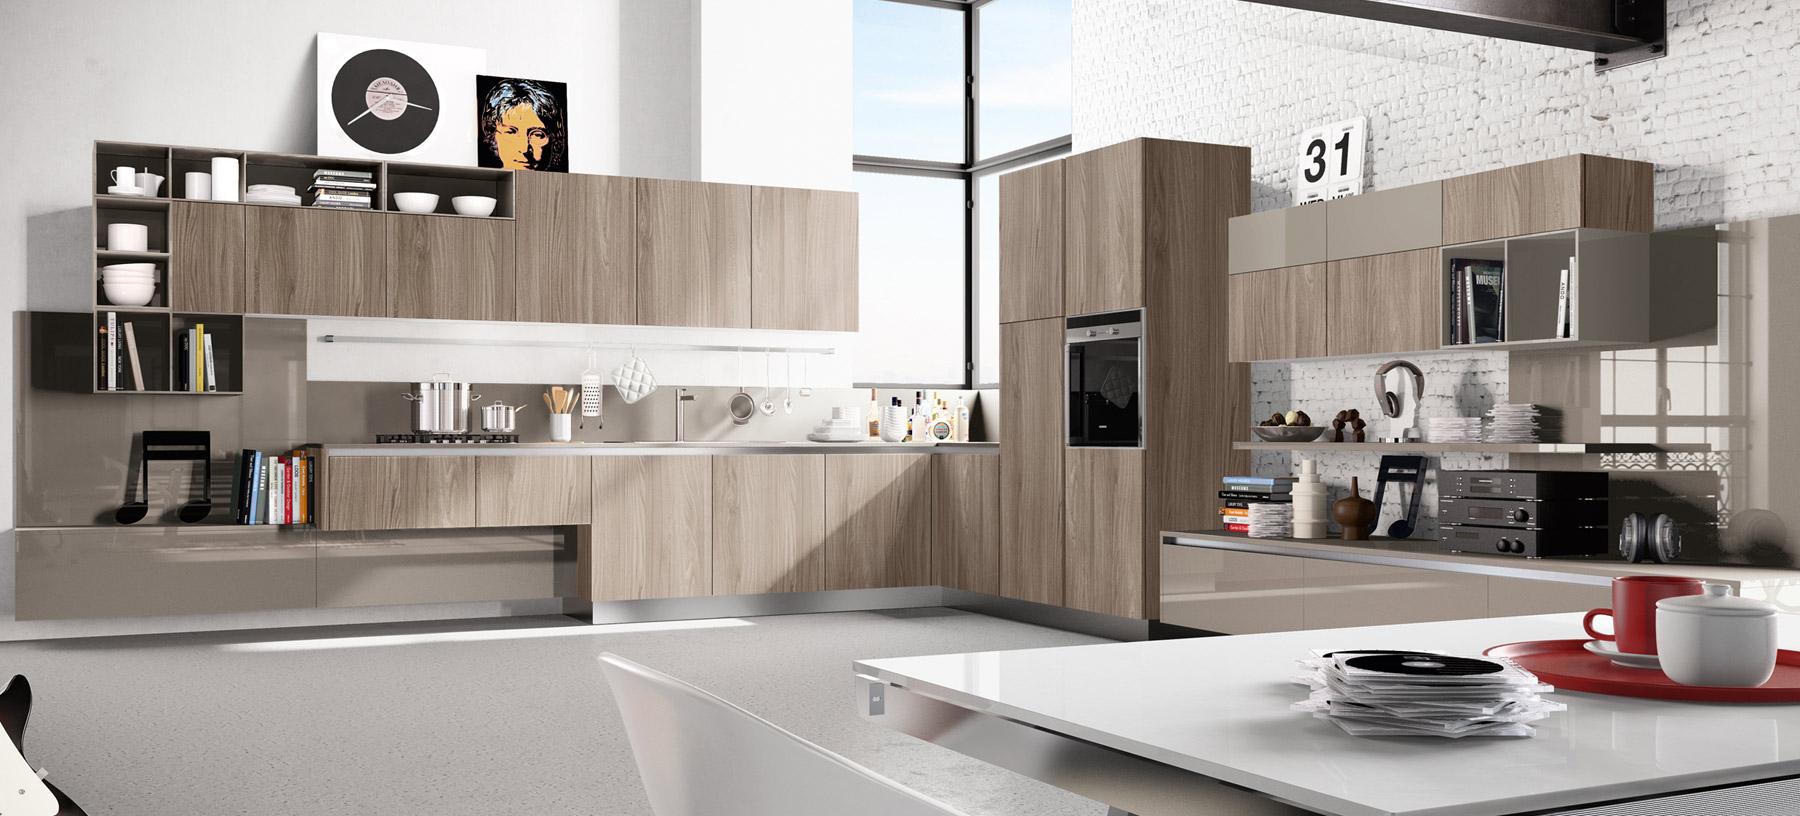 kitchen designs pop home designs latest modern home kitchen cabinet designs ideas